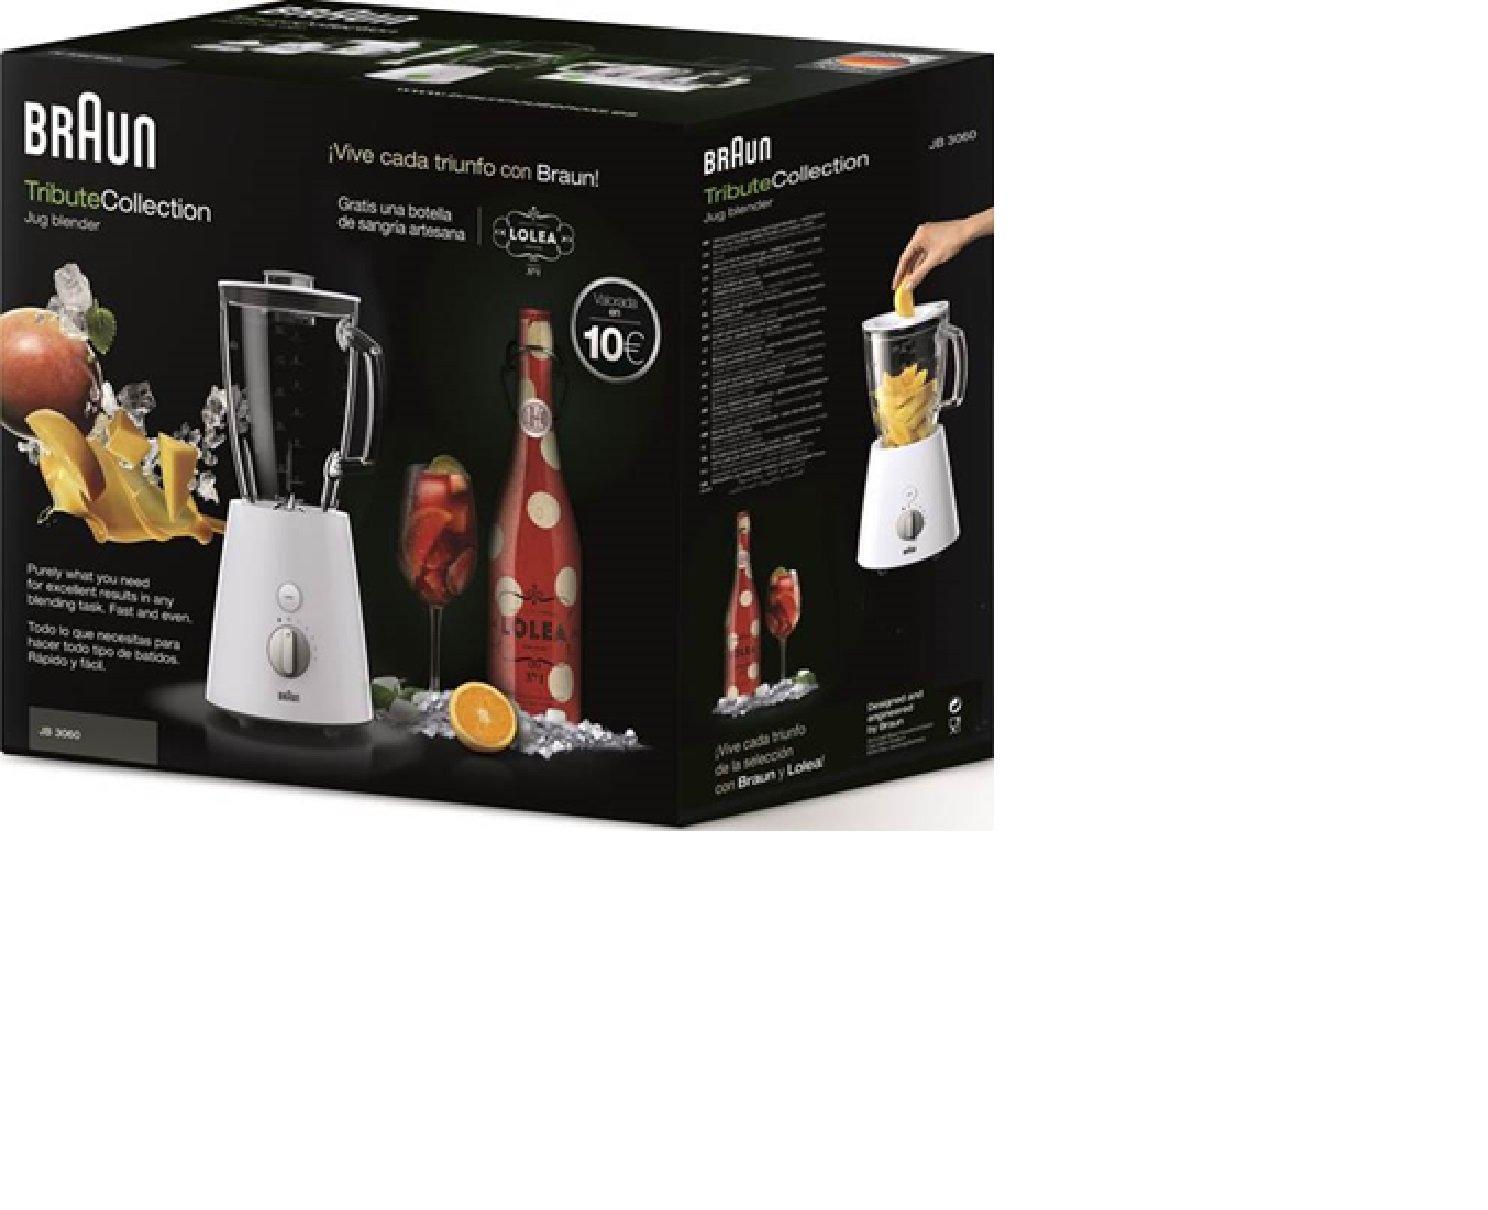 Braun JB 3060 WHS Batidora de vaso 1.75L 800W Verde, Color blanco - Licuadora (1,75 L, Batidora de vaso, Verde, Blanco, Vidrio, 800 W): Amazon.es: Hogar